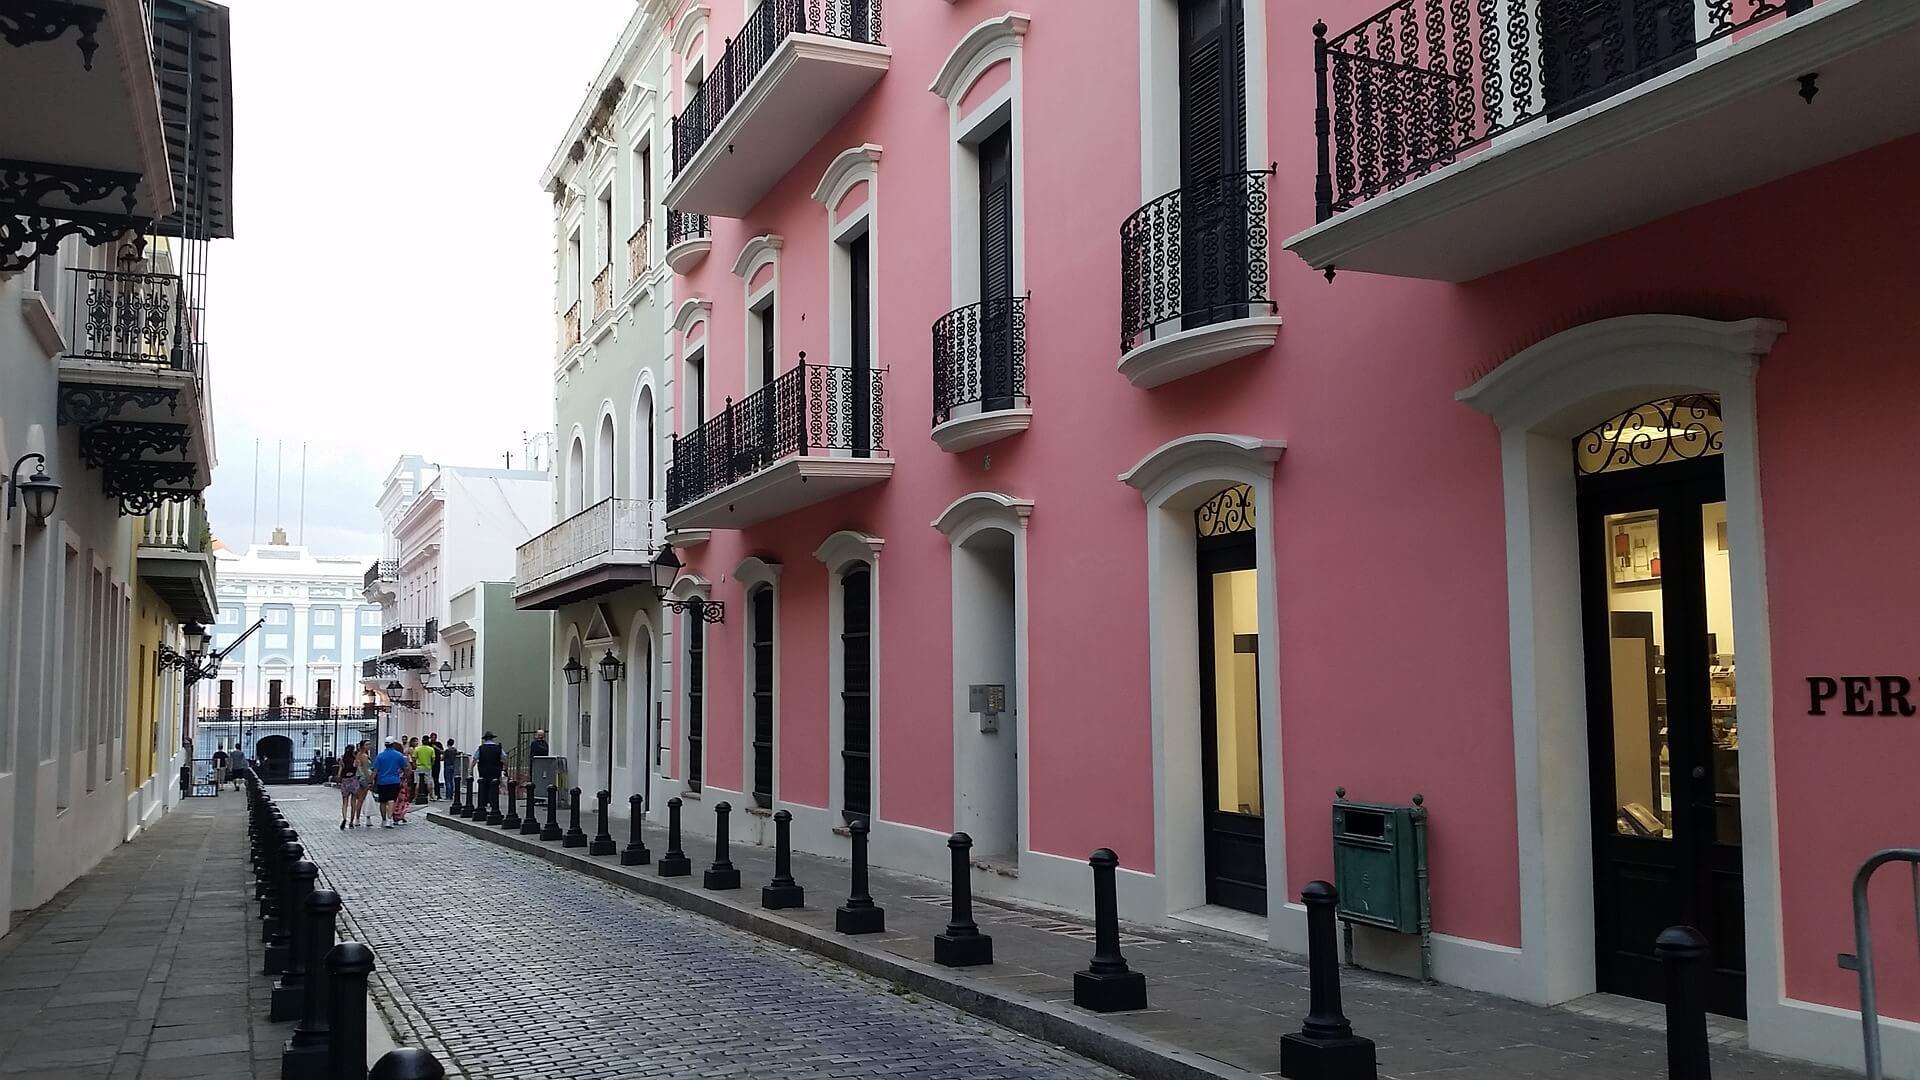 Direktflüge und Billigflüge nach Puerto Rico